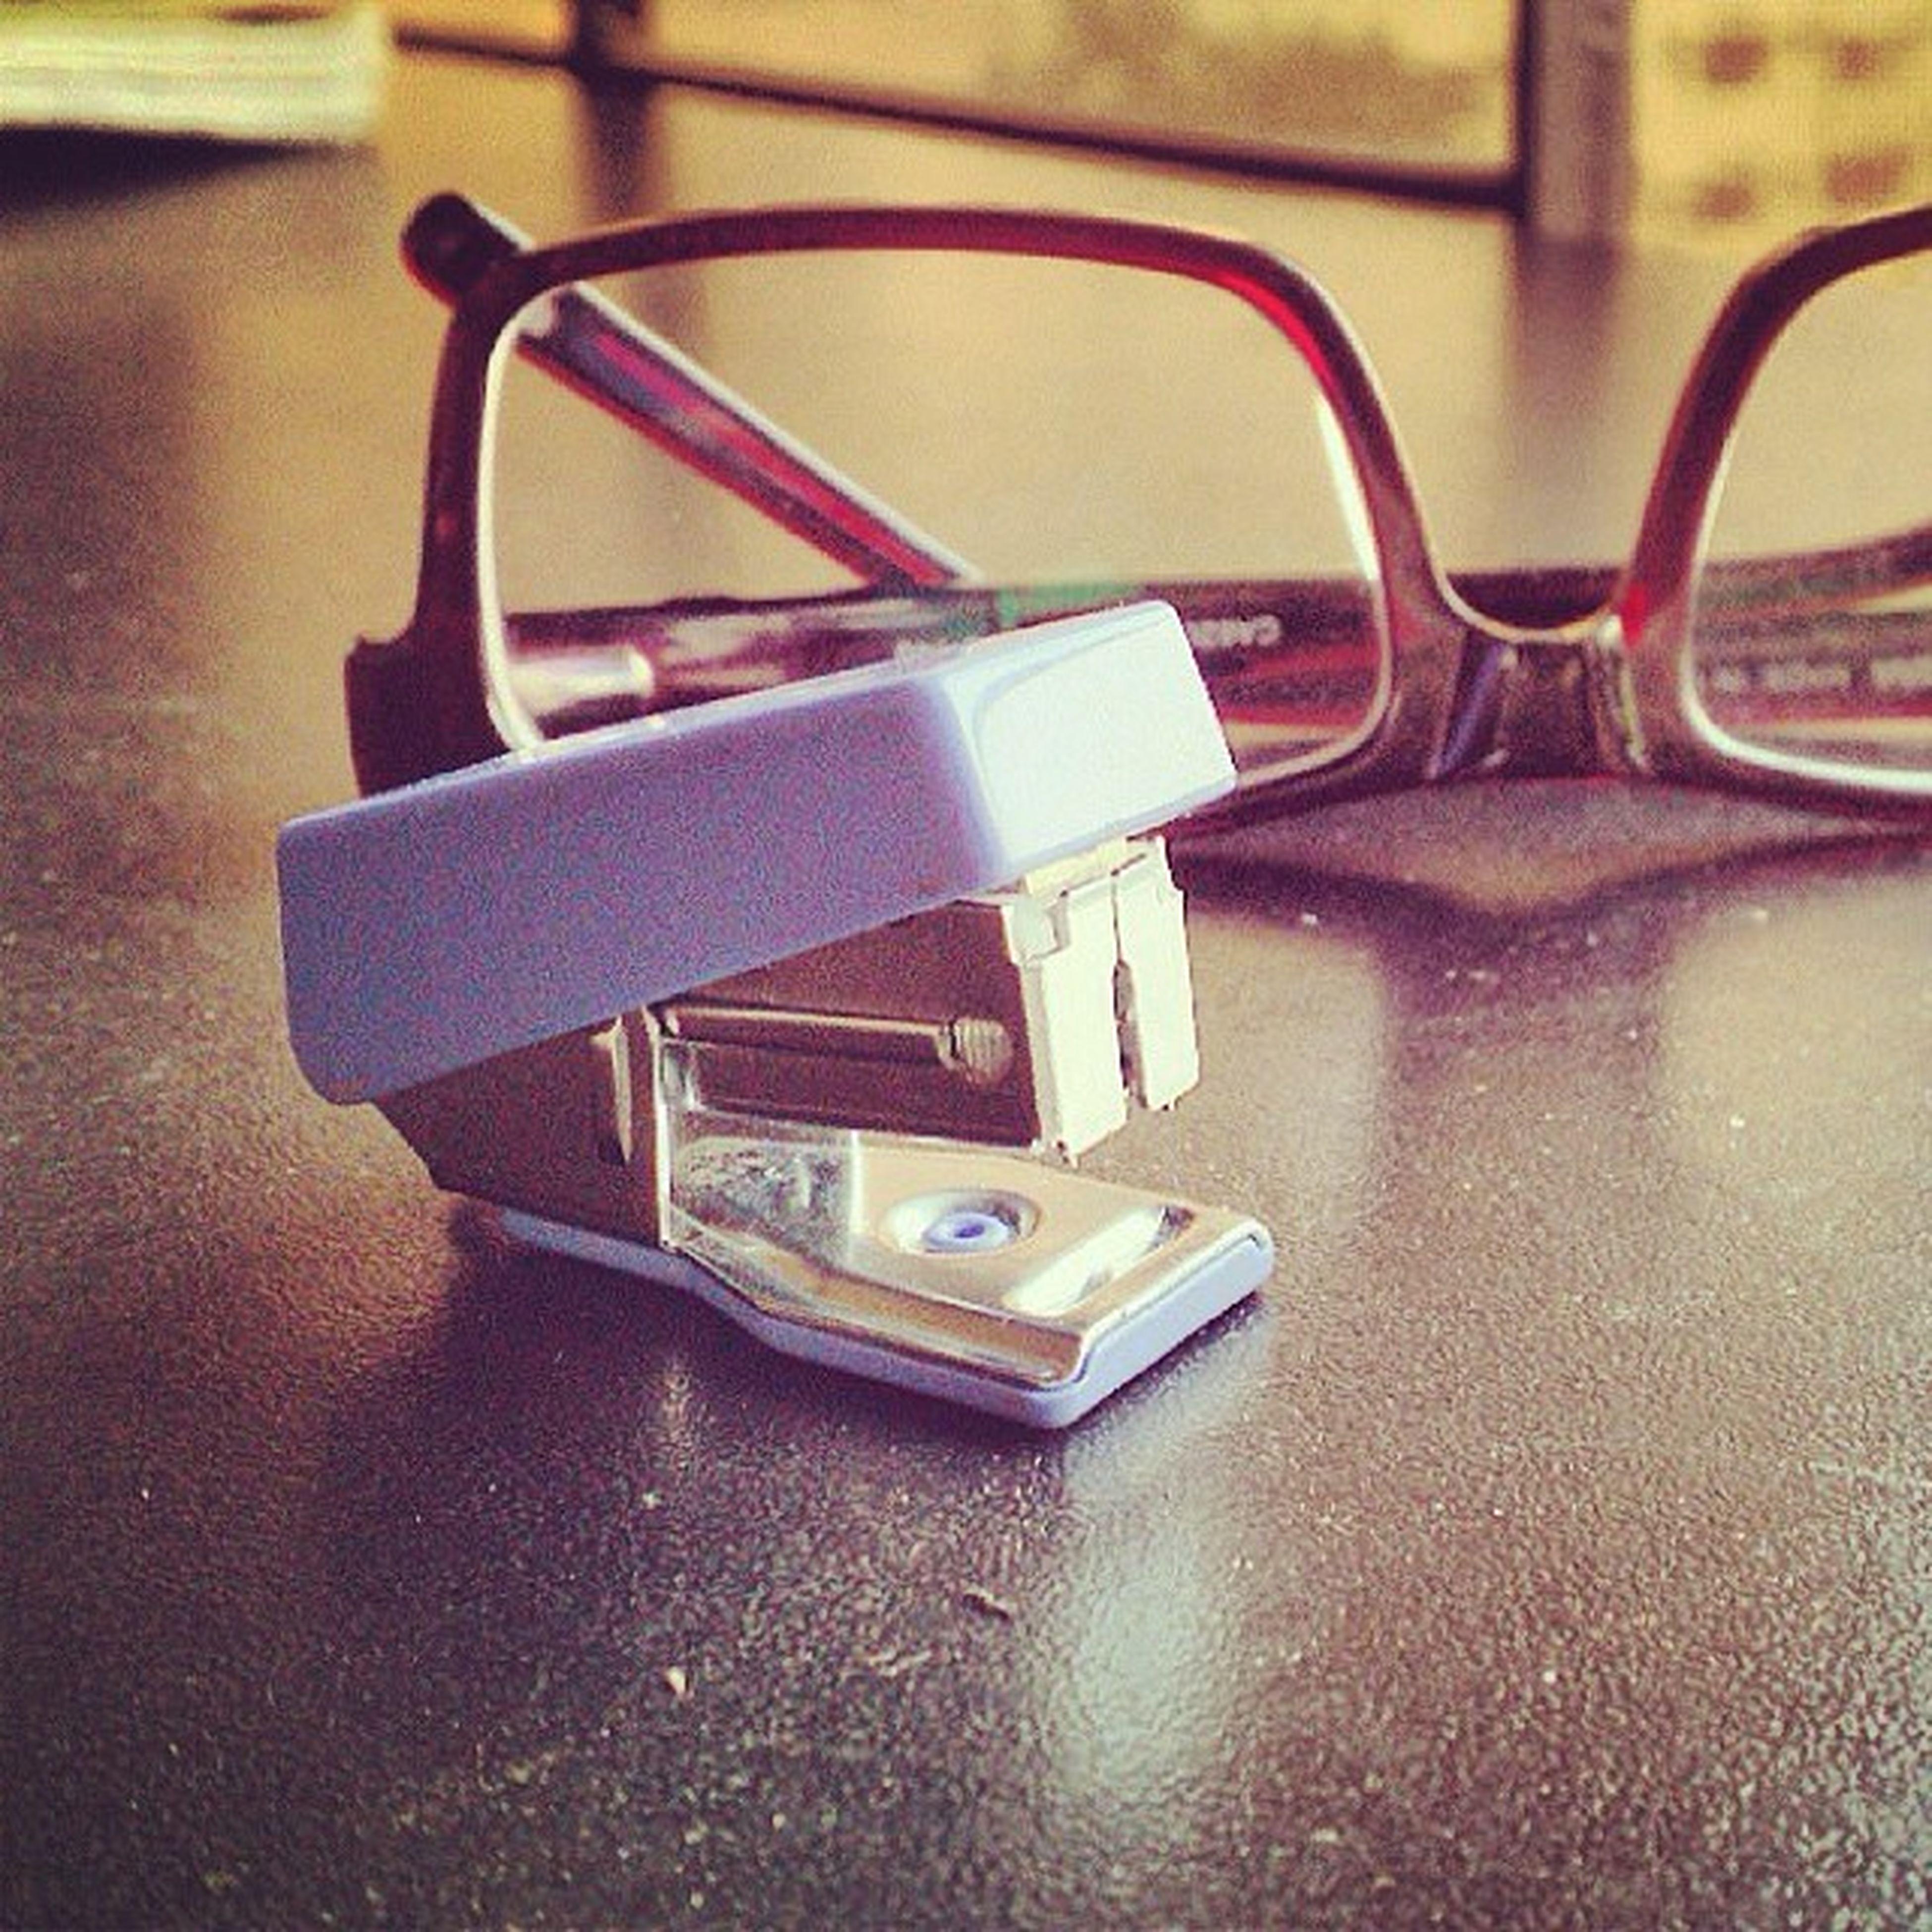 Littlestapler Specs Randomshit Instasnap instagood instarandoms